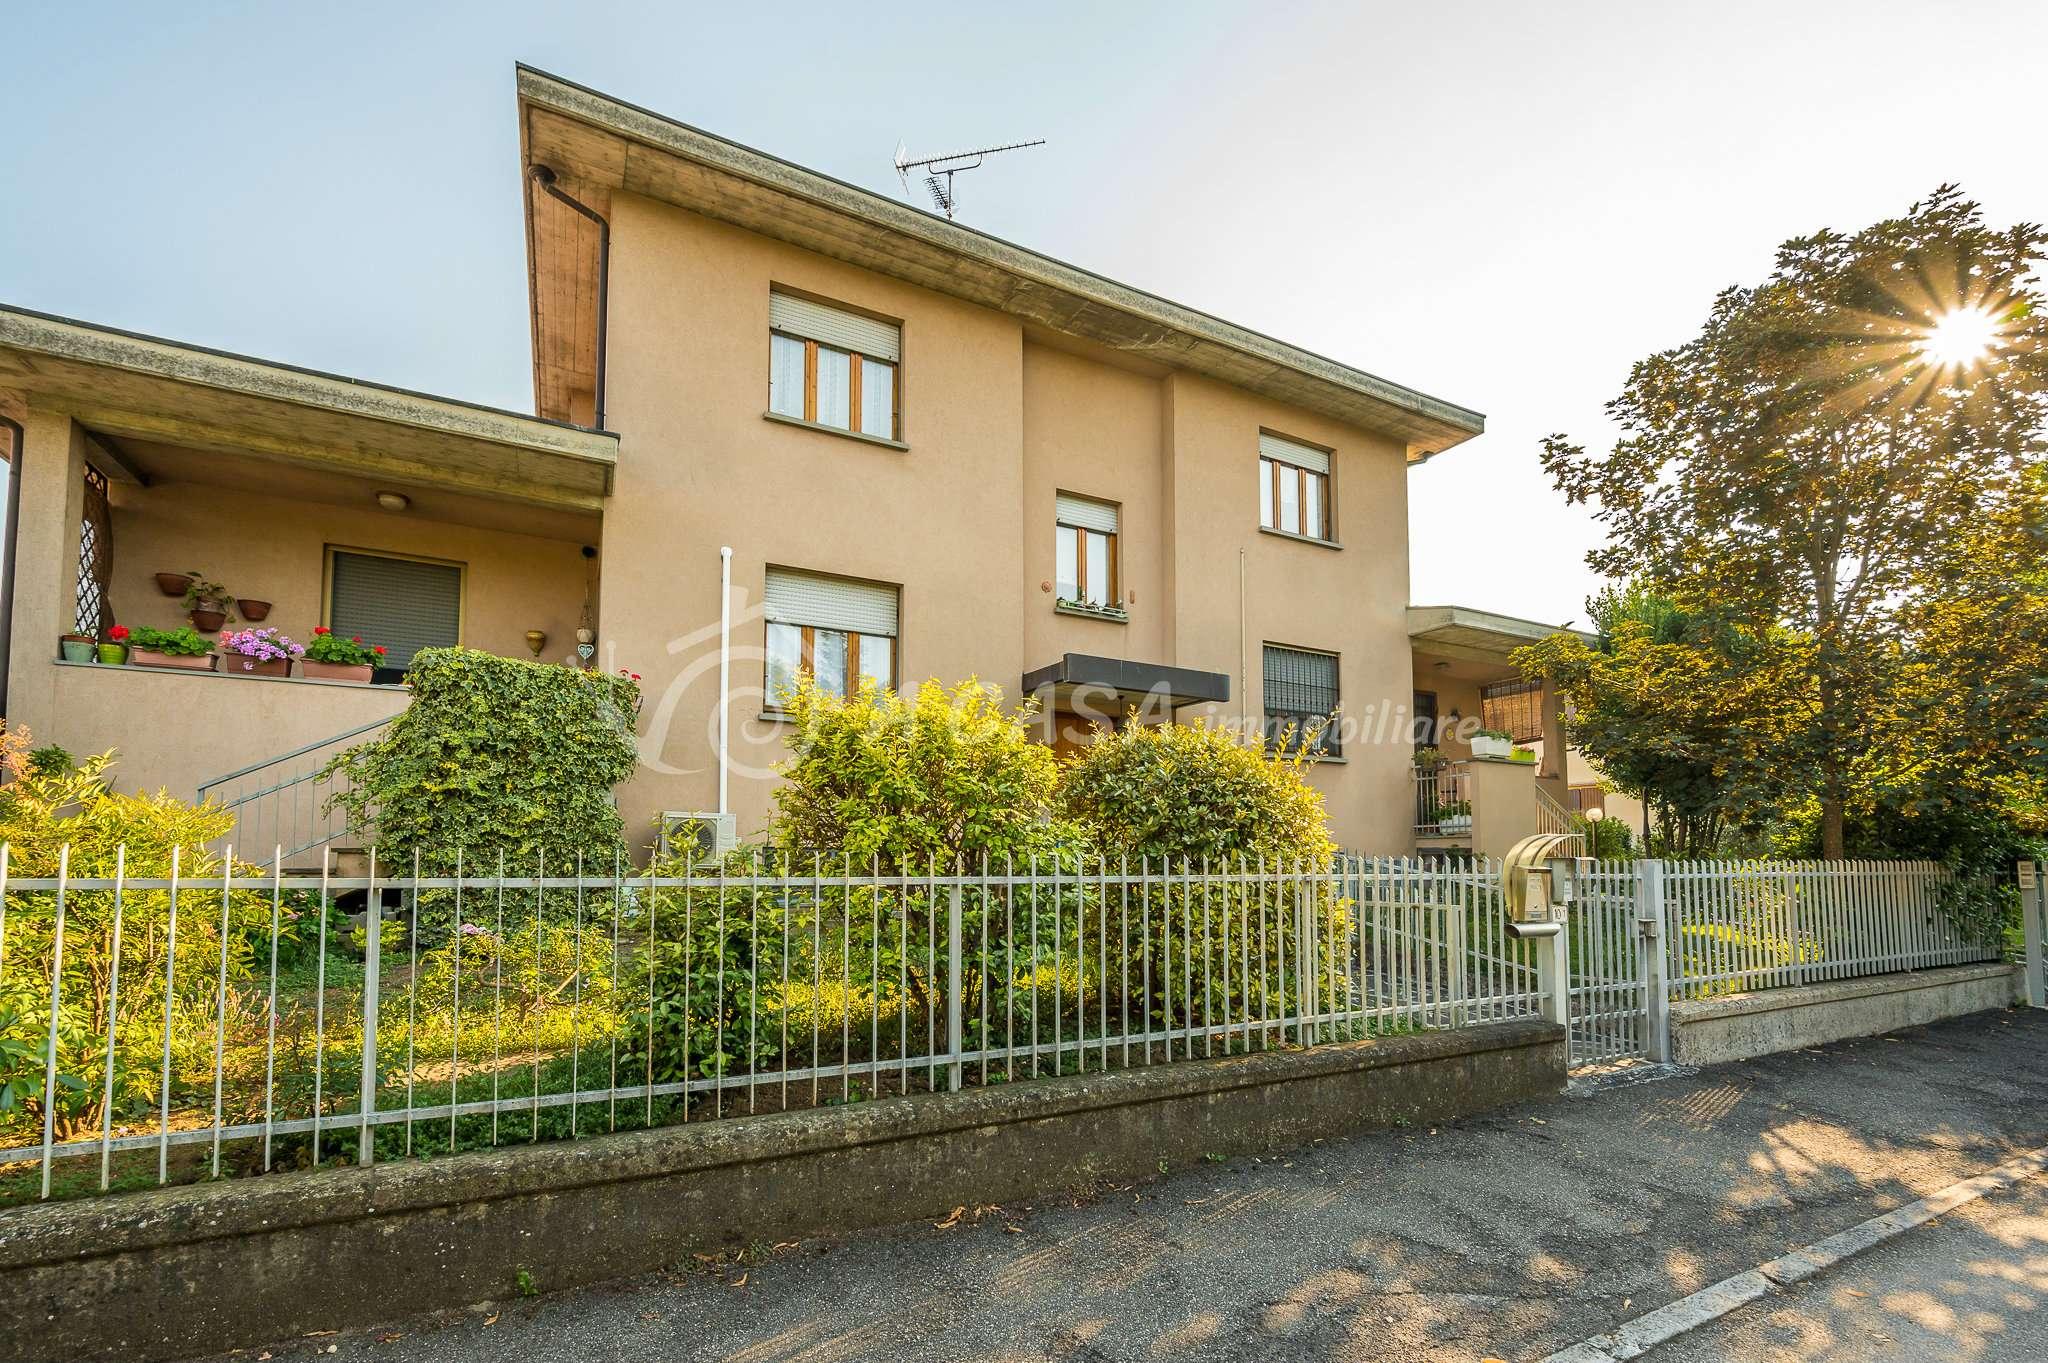 Appartamento in vendita a Felino, 3 locali, prezzo € 180.000 | CambioCasa.it